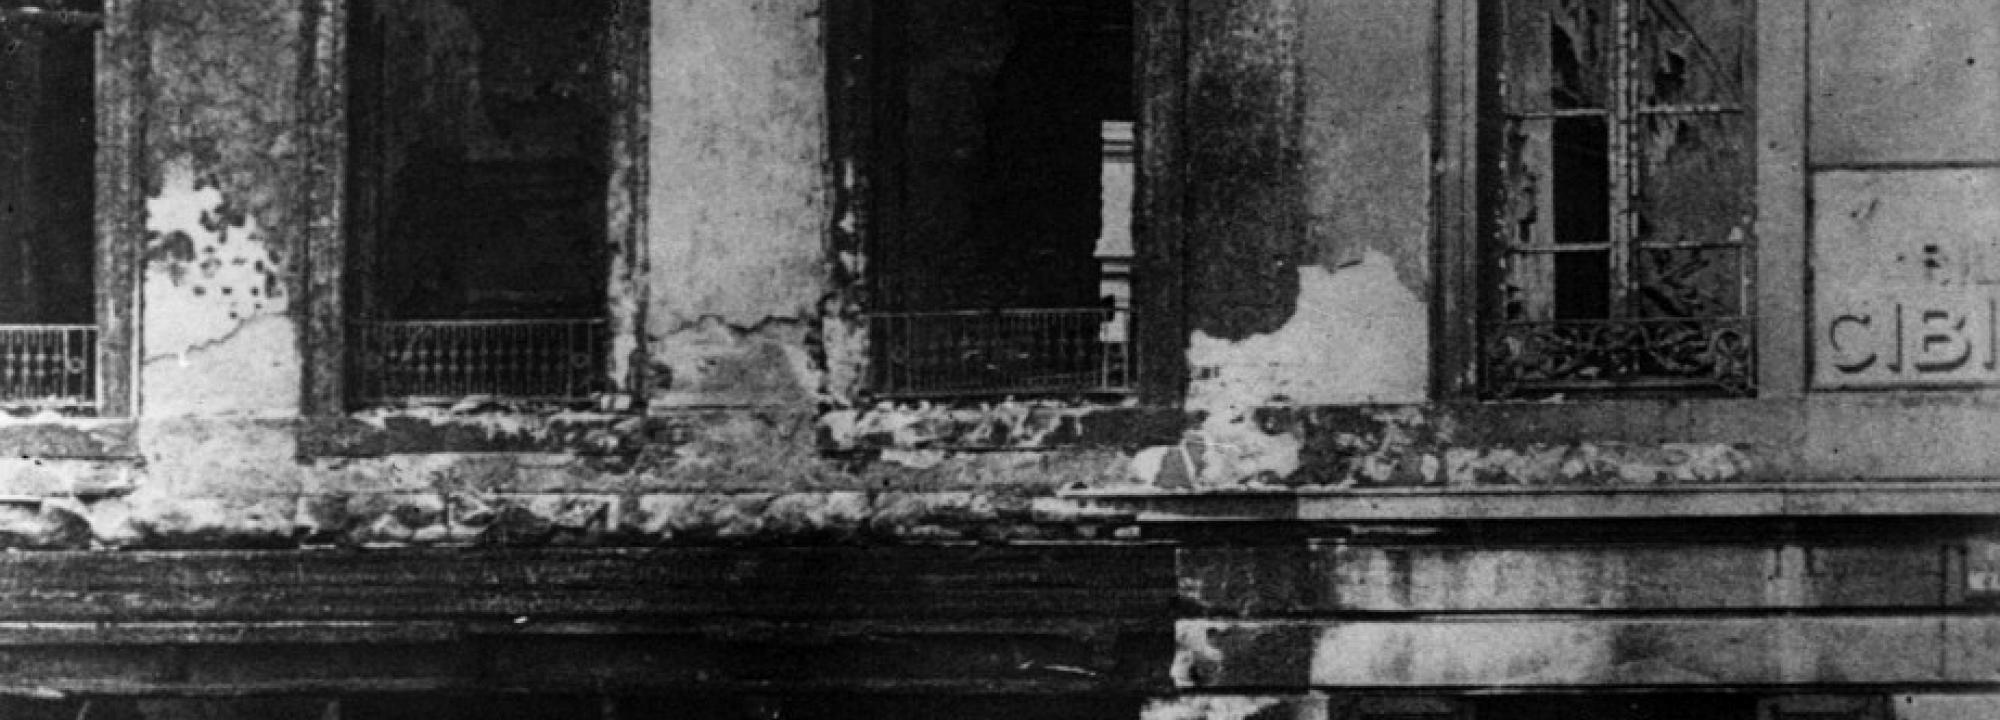 Soldats allemands devant une boutique brûlée, place de l'Université à Liège, 1914